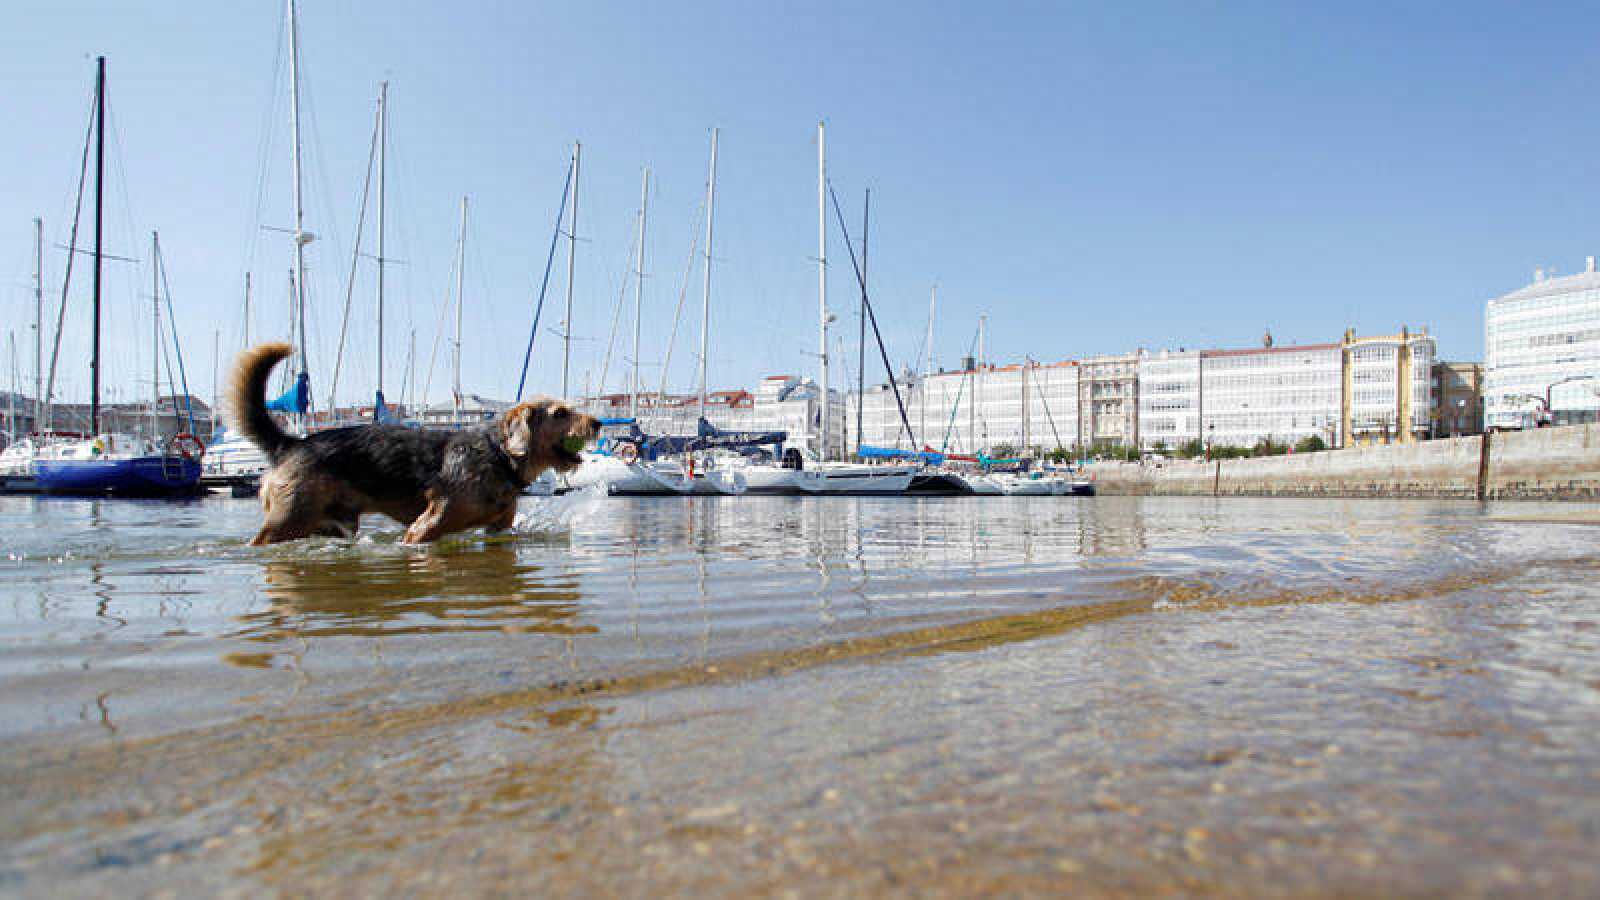 Un perro se refresca en el puerto de A Coruña